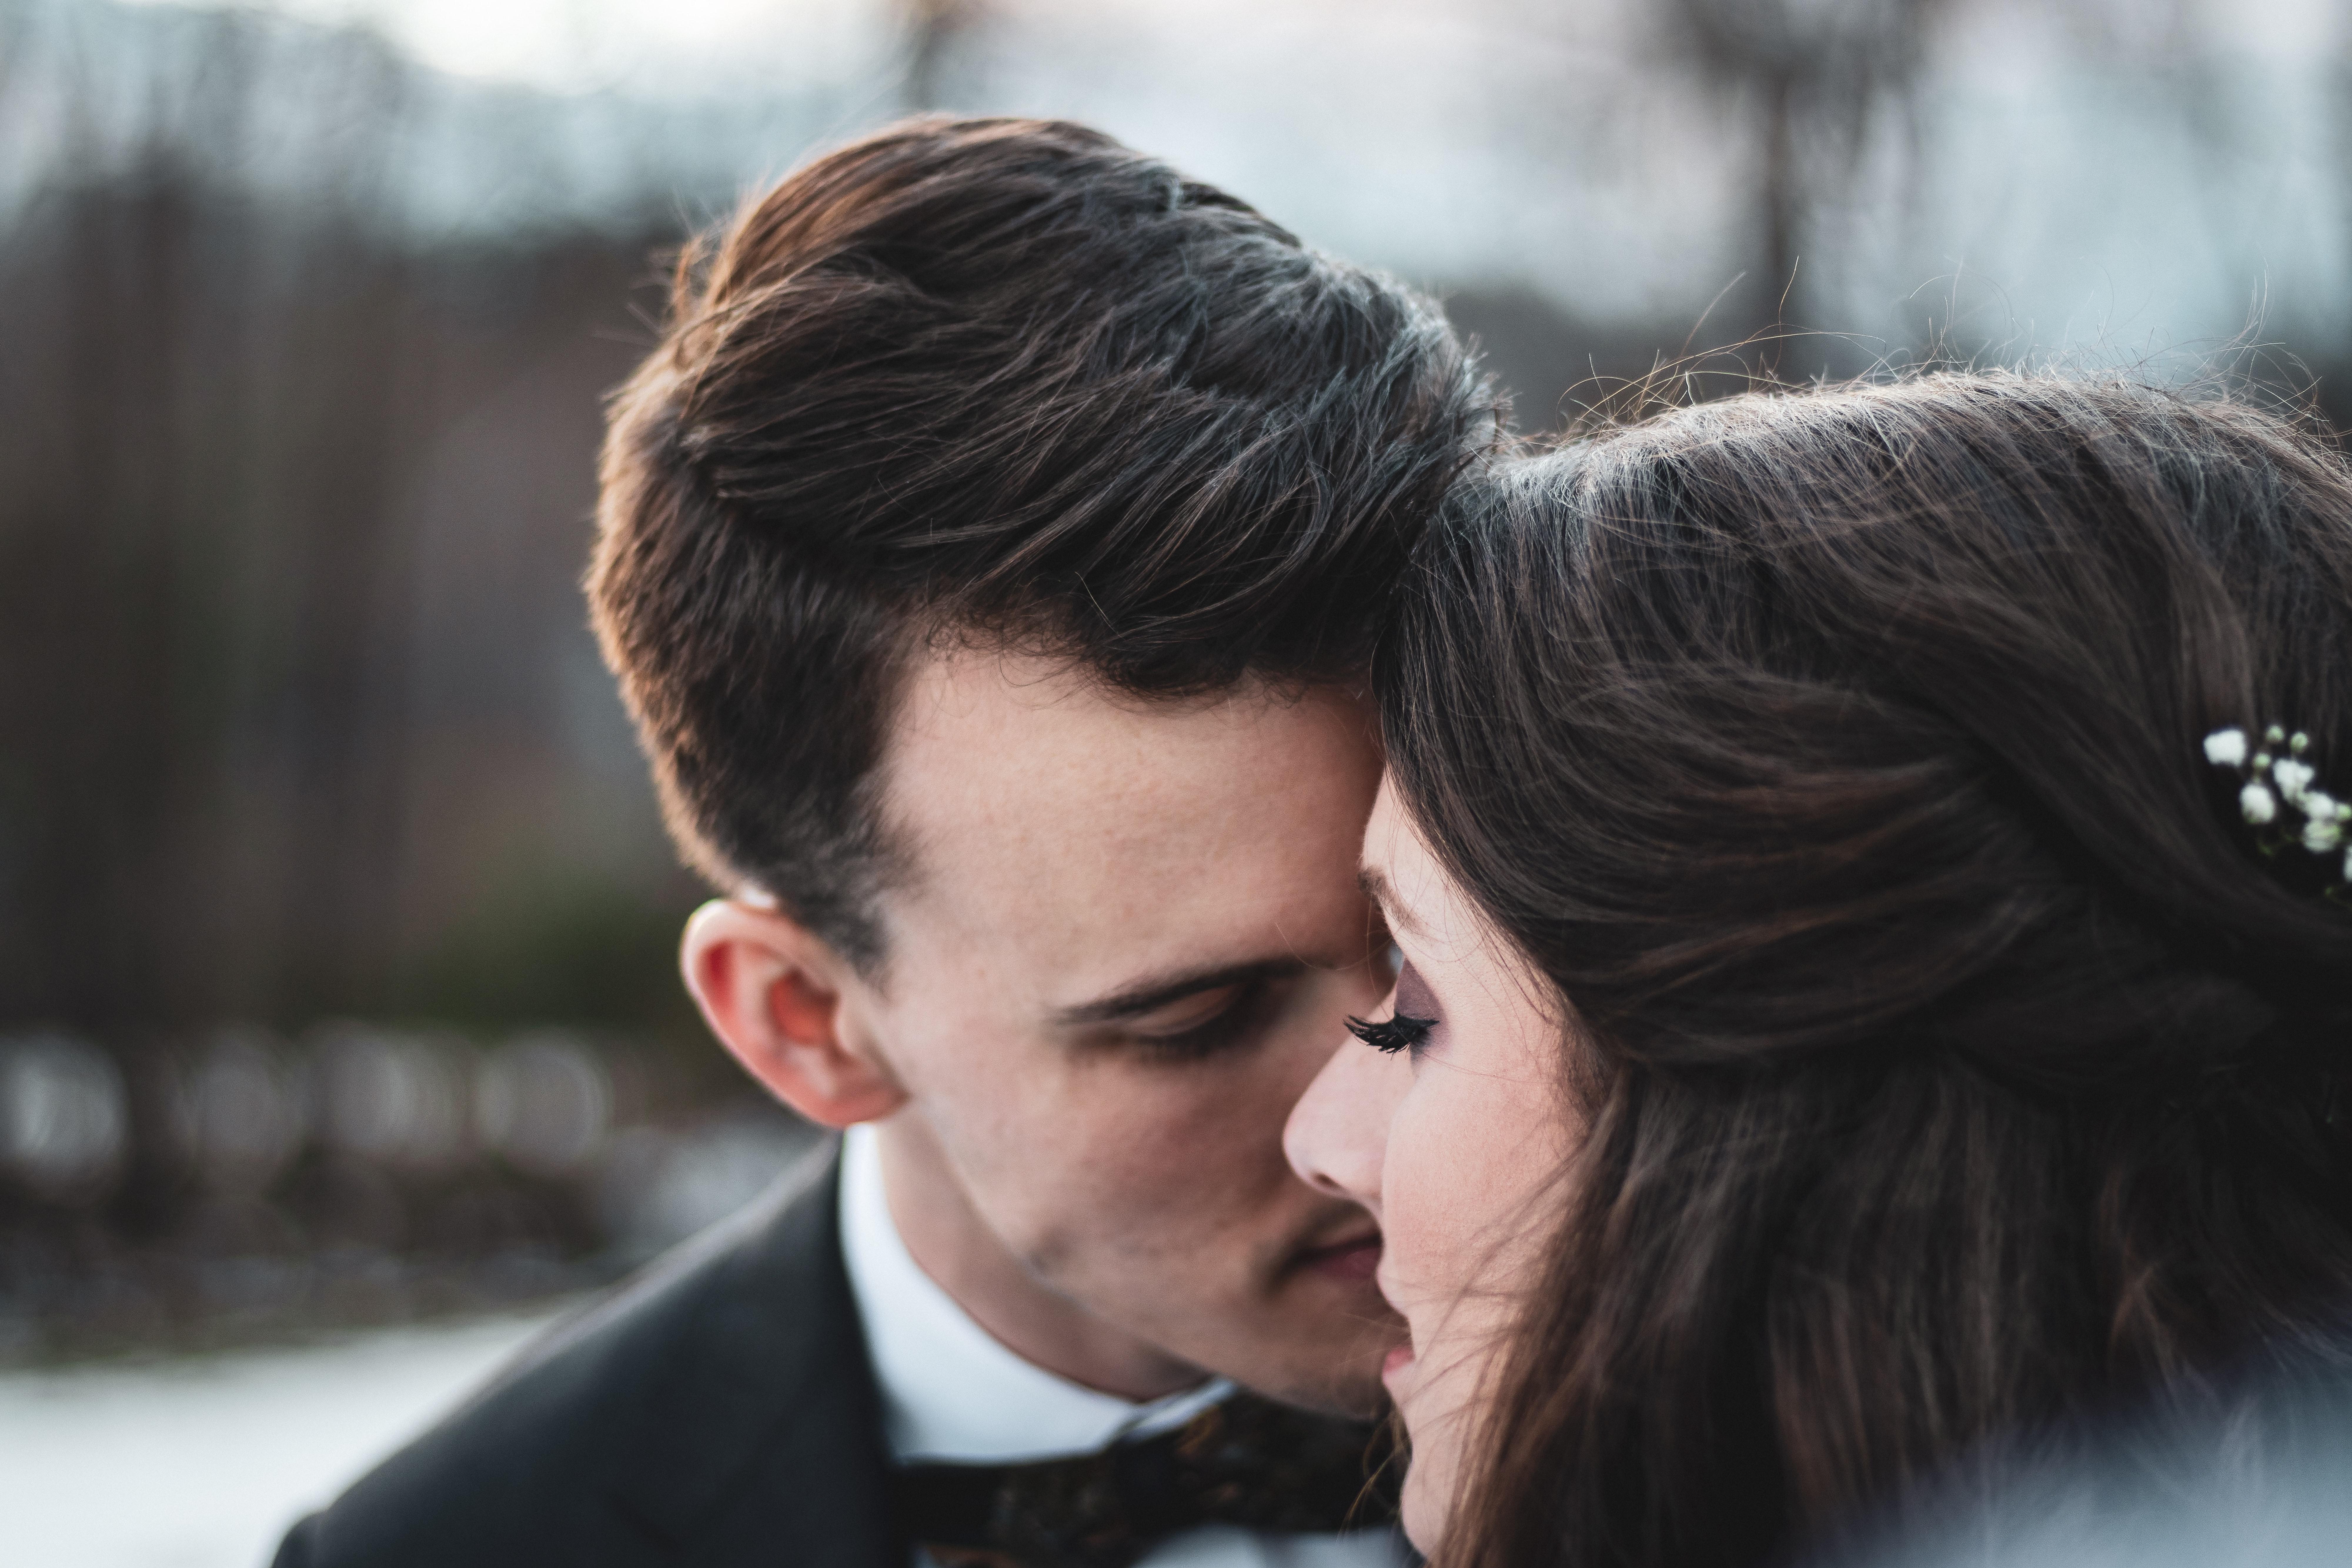 Jesienno-zimowy zestaw ubrań na ślub, czyli jak się nie przeziębiać